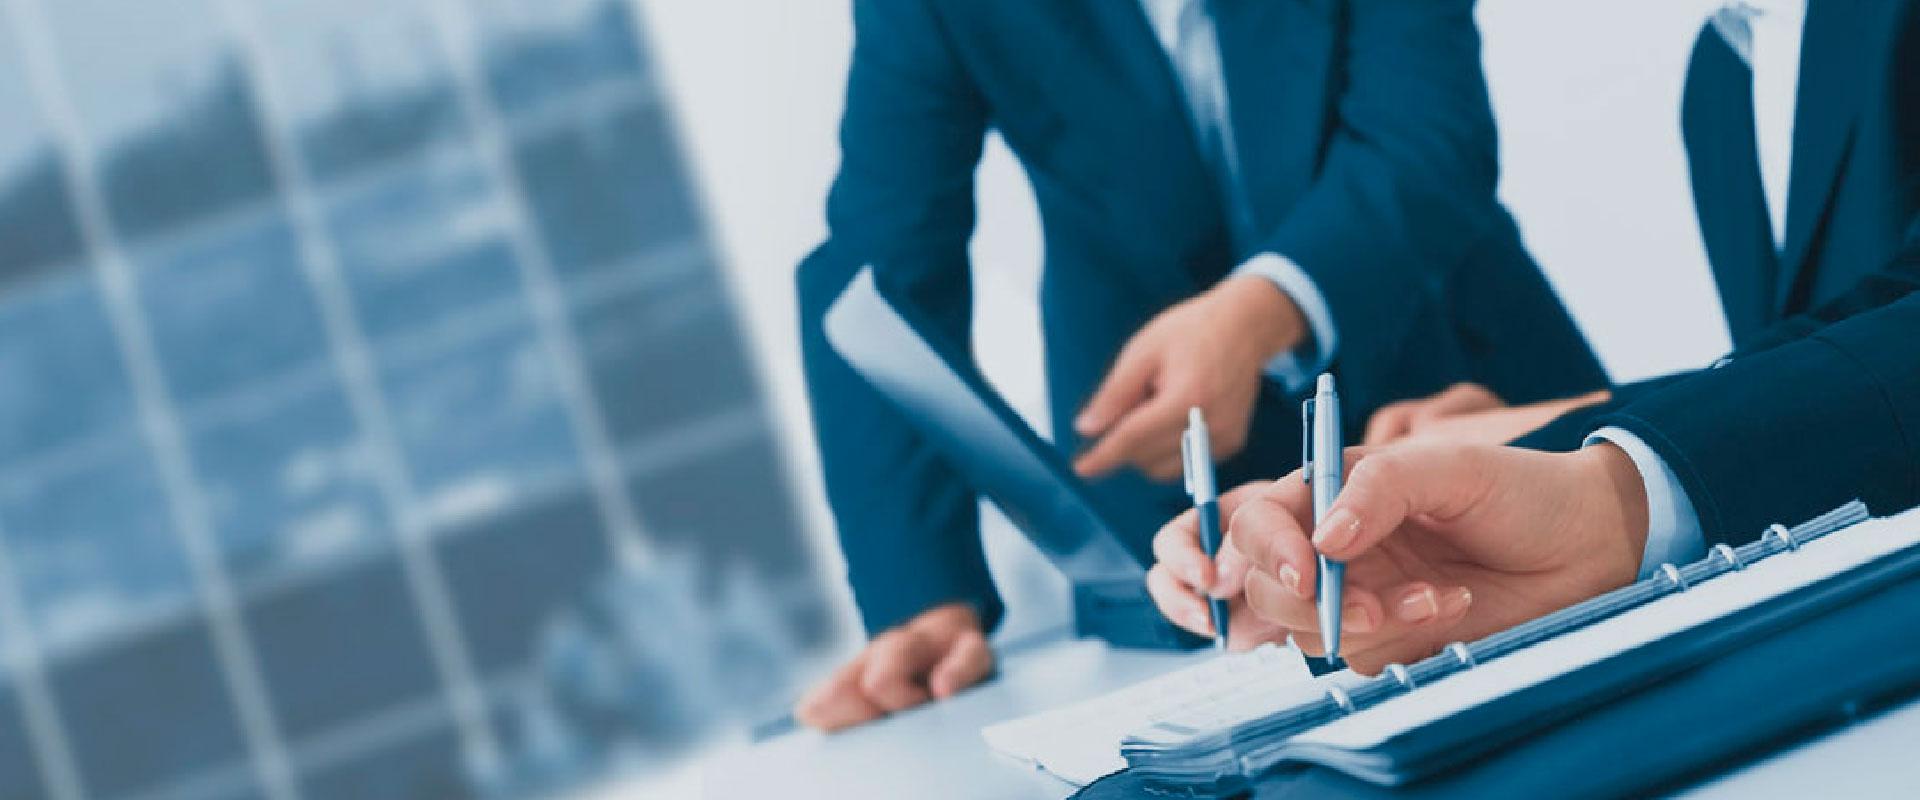 юридическая консультация сопровождение сделки недвижимость